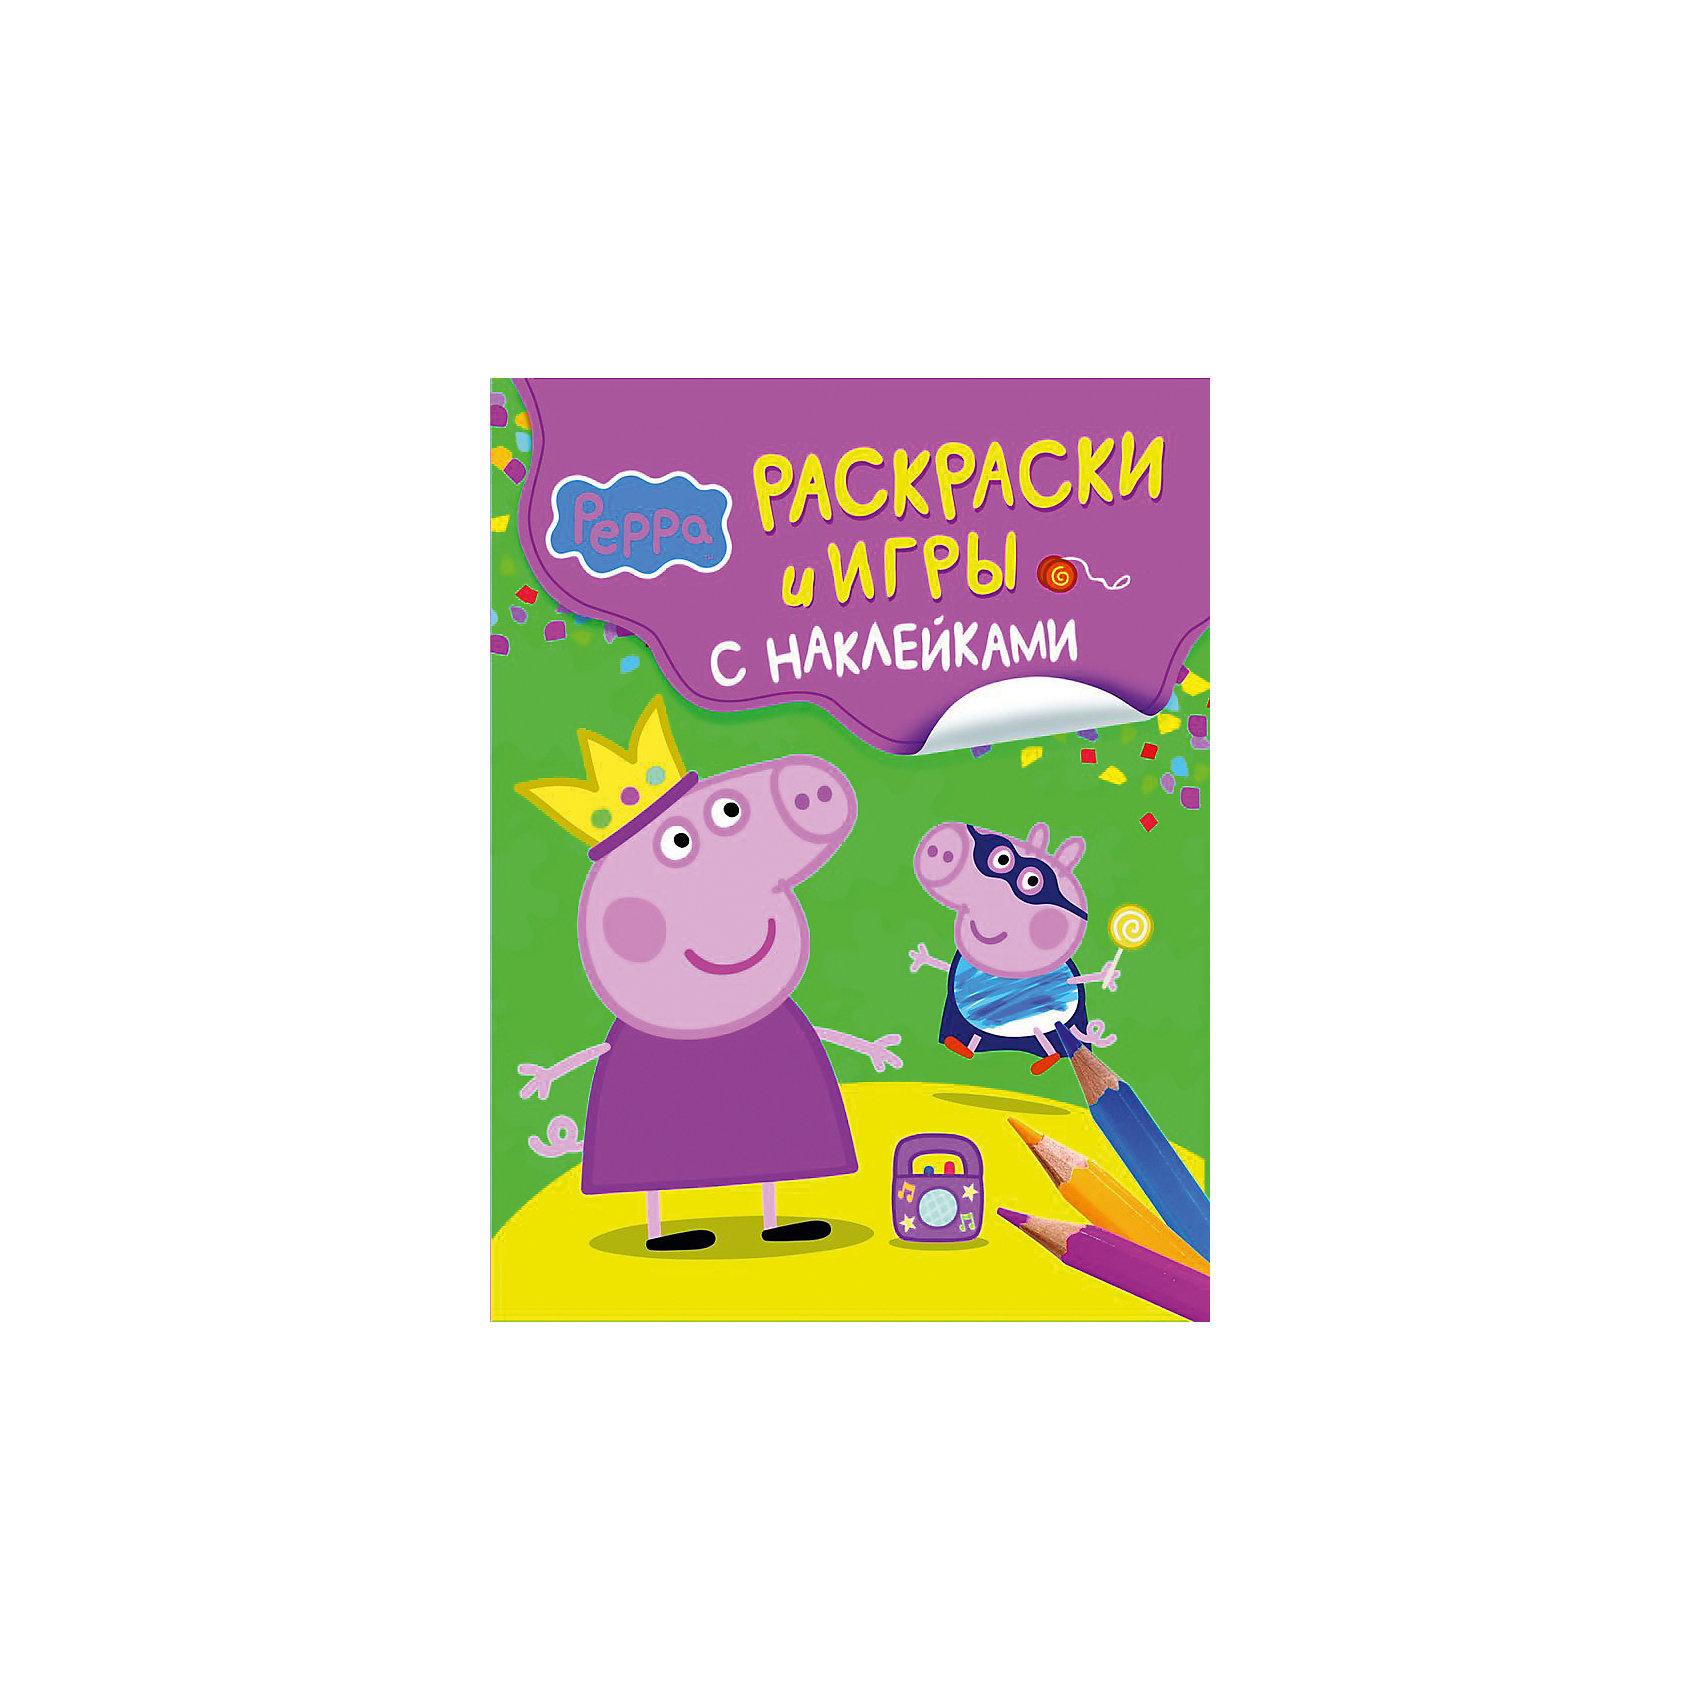 Росмэн Раскраски и игры с наклейками Свинка Пеппа росмэн комплект свинка пеппа раскраски игры наклейки